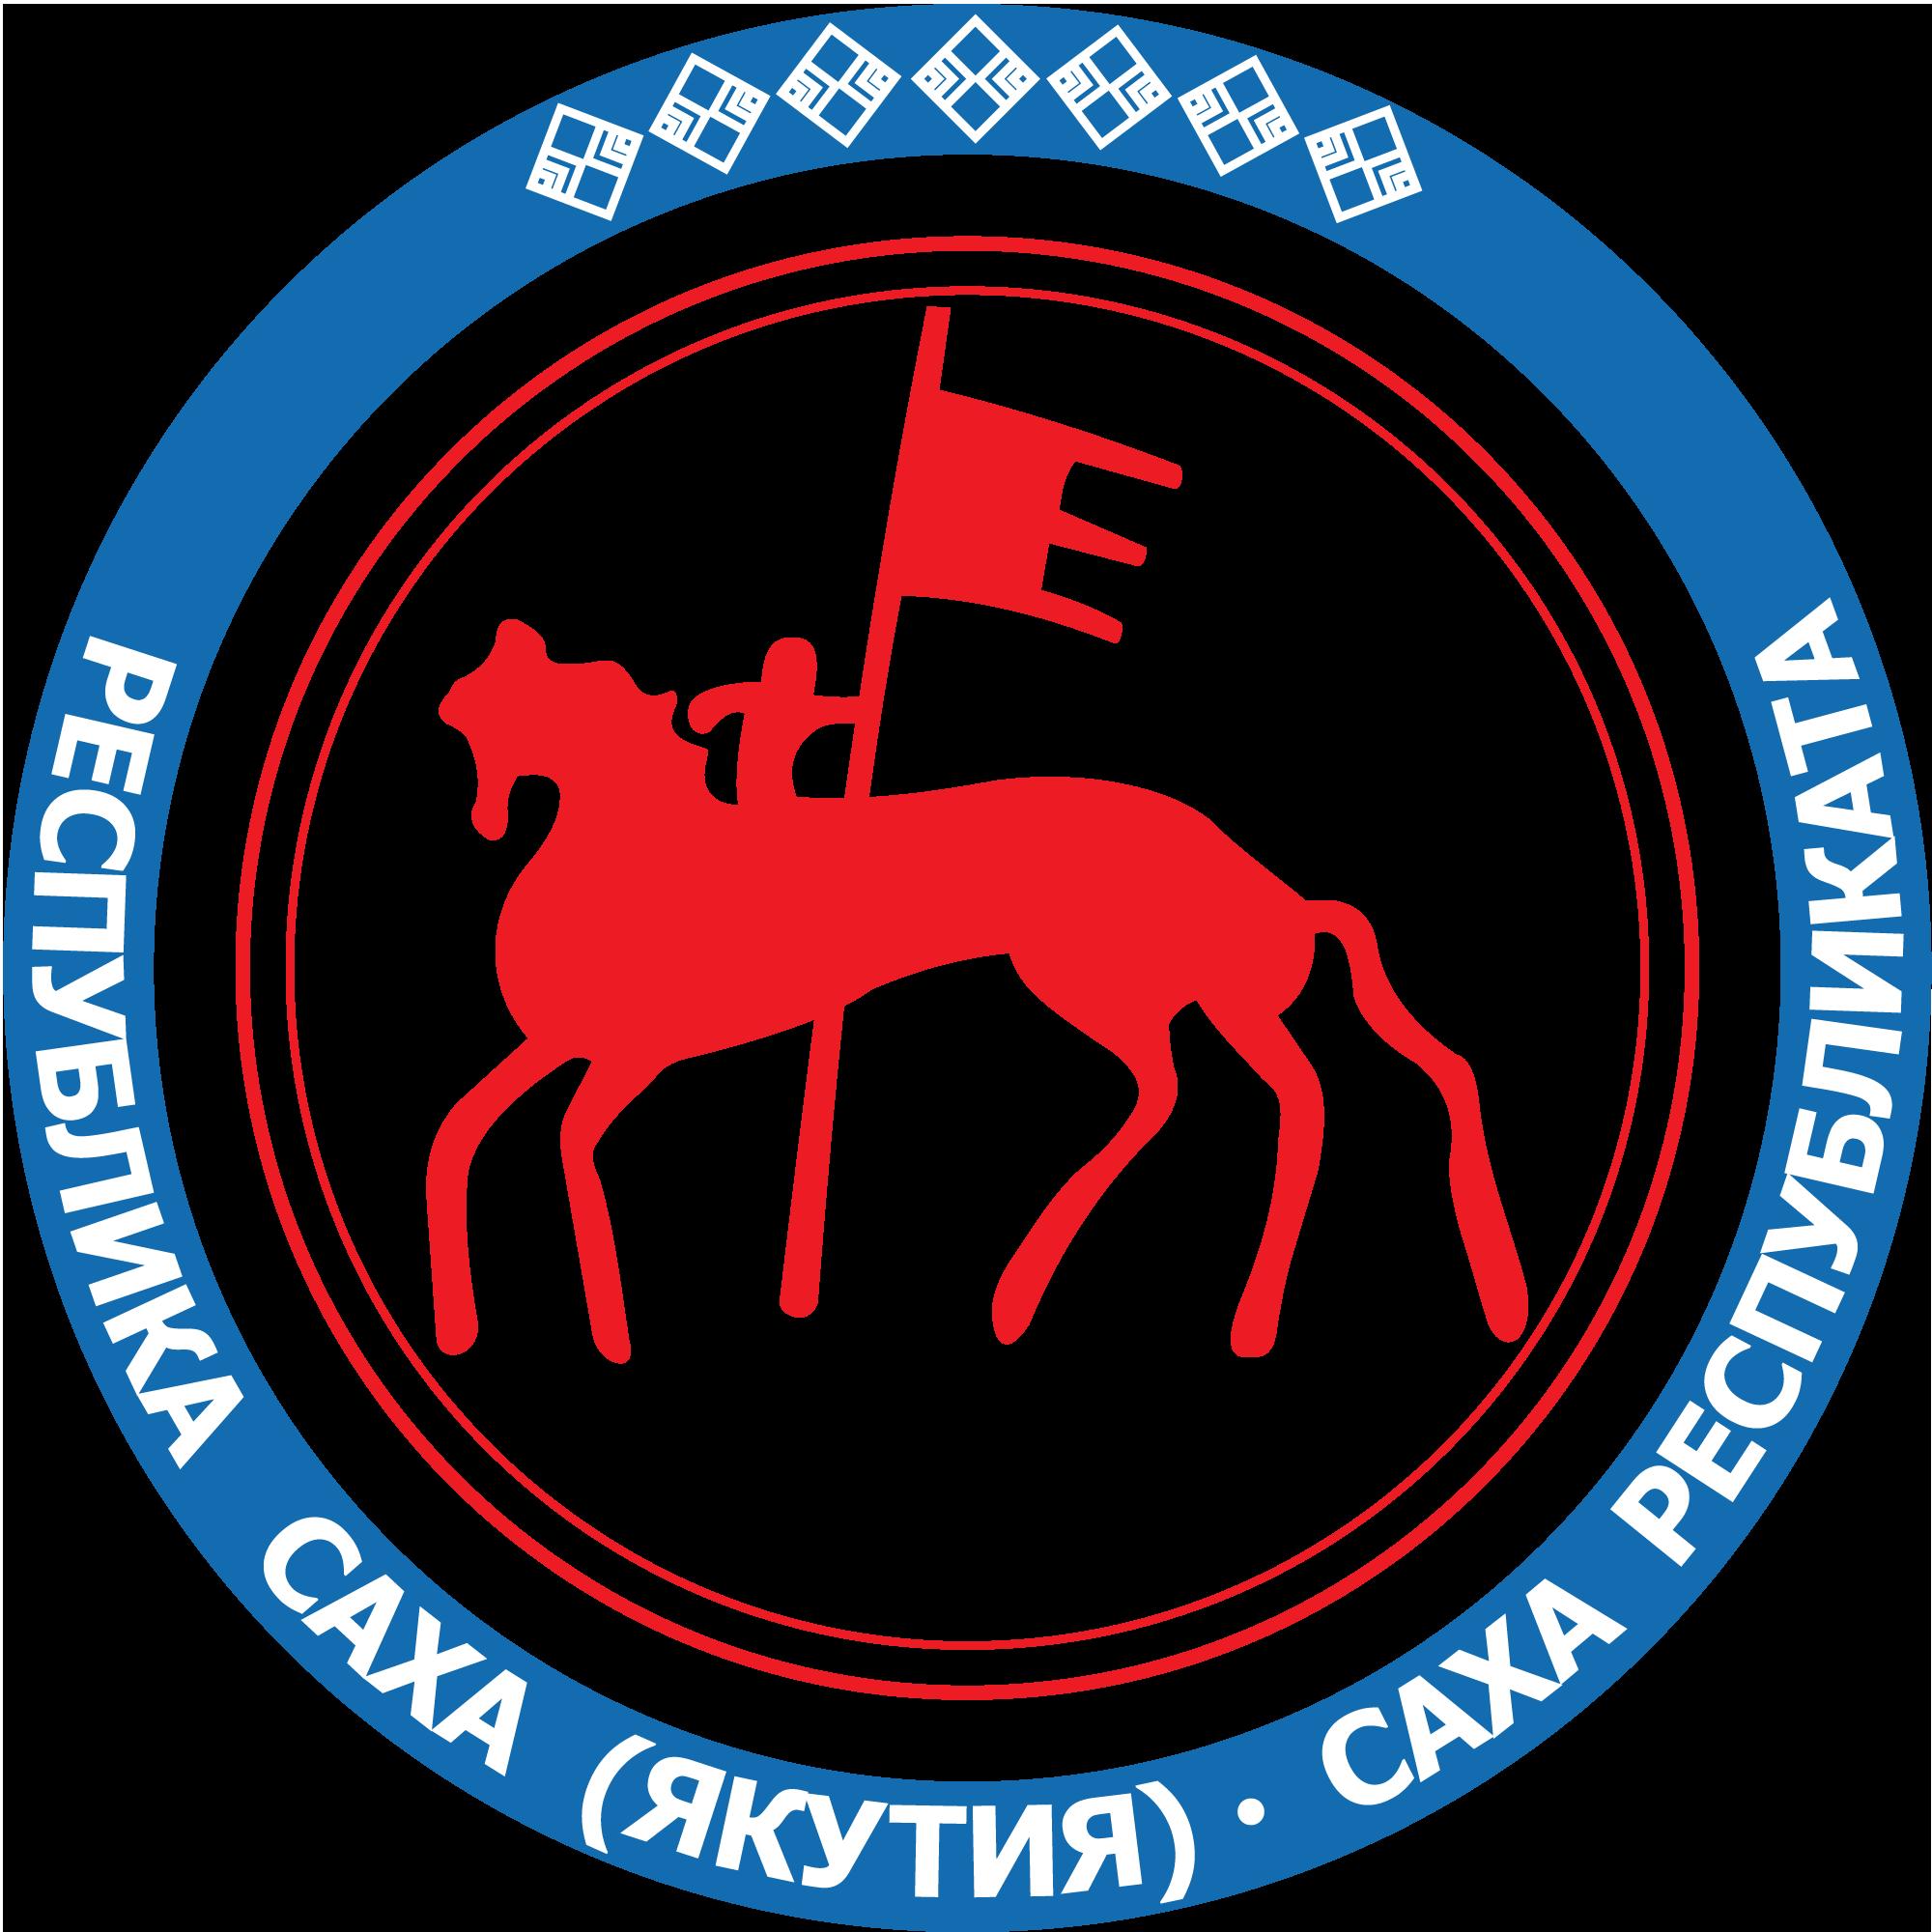 герб Республики Саха